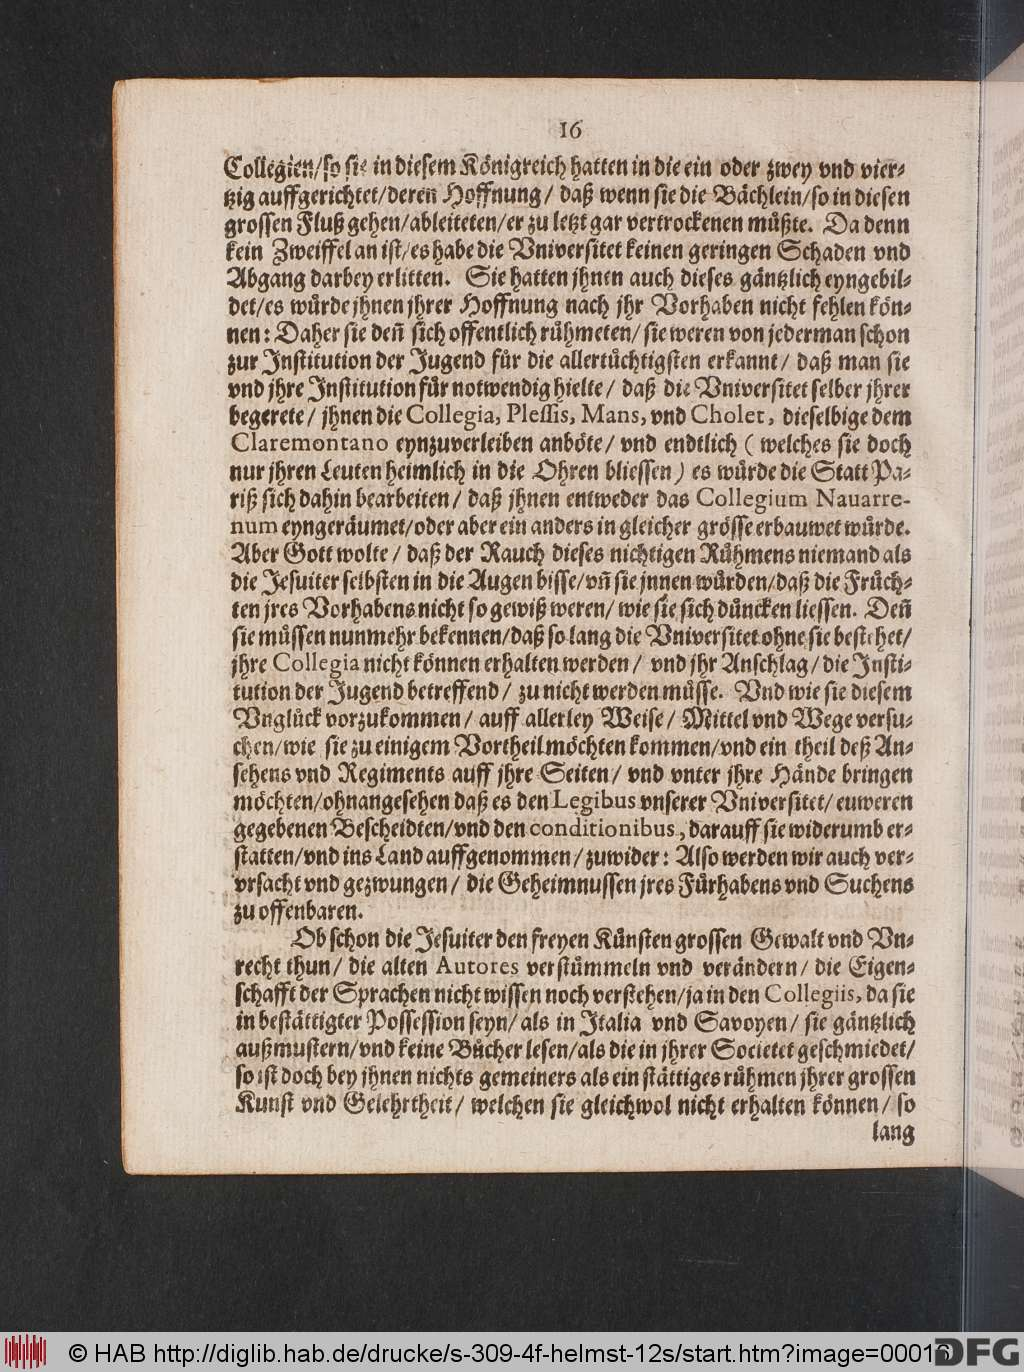 http://diglib.hab.de/drucke/s-309-4f-helmst-12s/00016.jpg